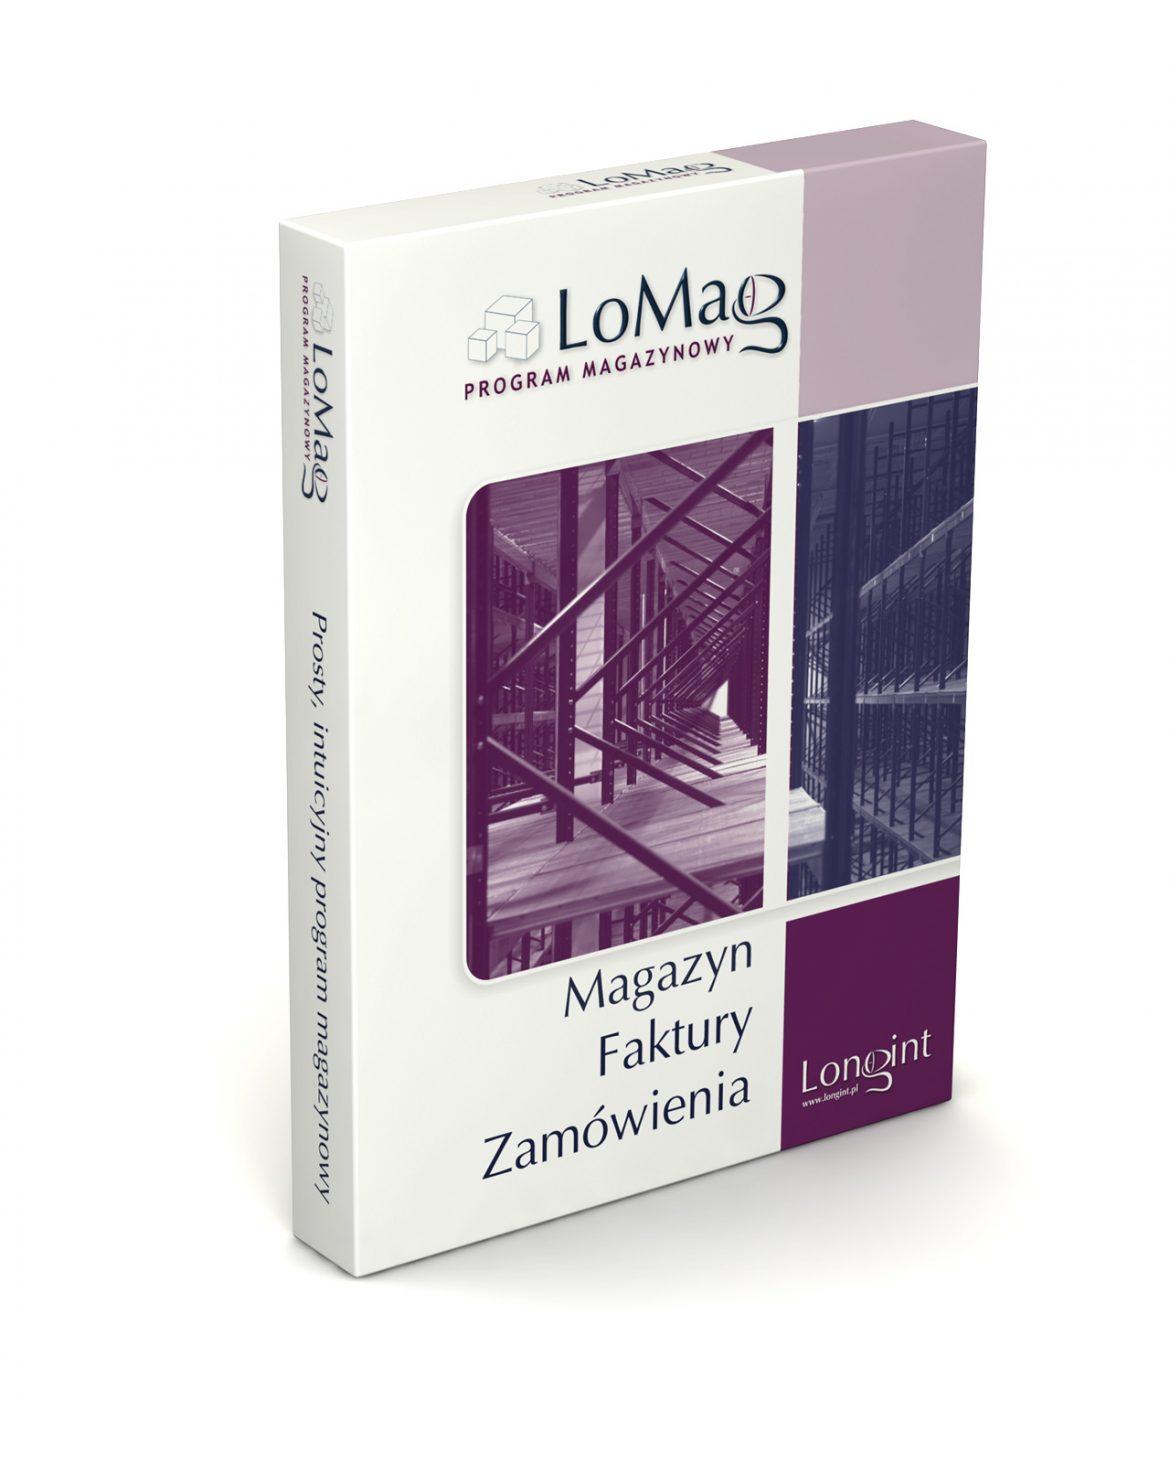 Jak sprawnie szukać towarów w magazynie (LoMag)?